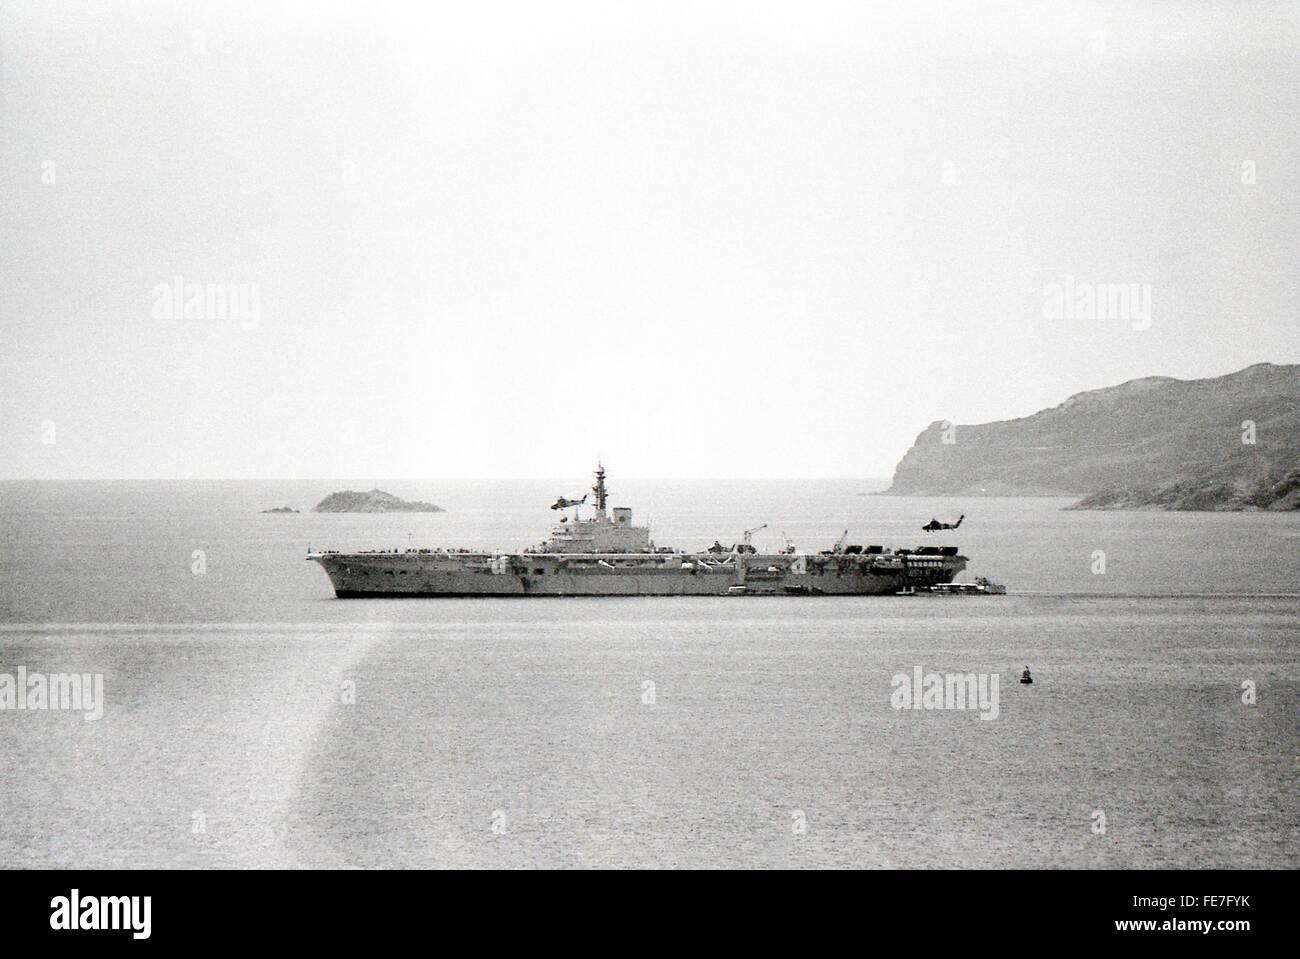 HMS Bulwark and helicopters off Aden Yemen 1967 - Stock Image